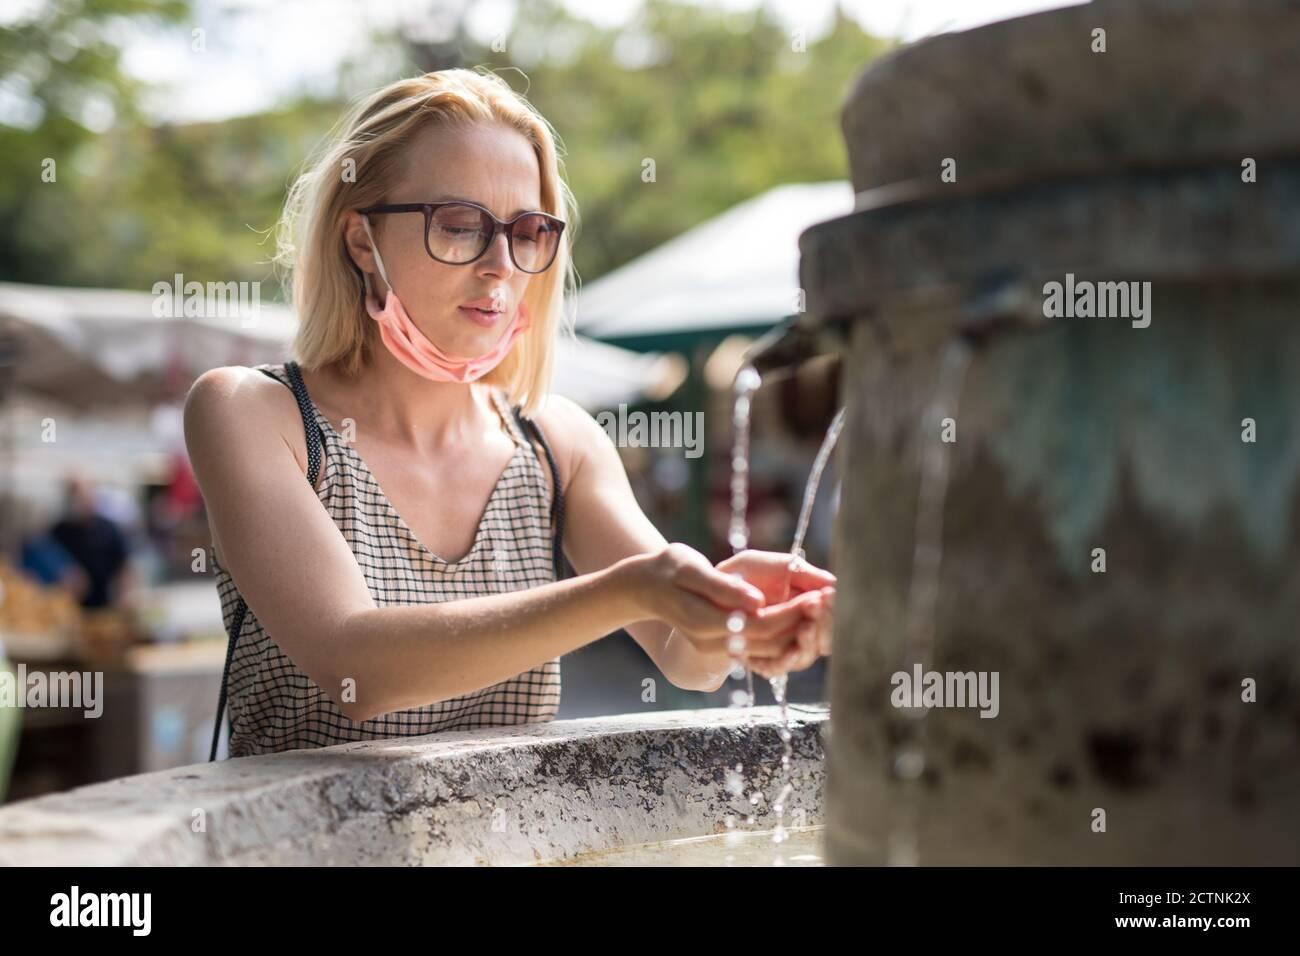 Une jeune femme cucasienne décontractée assoiffée portant un masque médical pour boire de l'eau de la fontaine publique de la ville par une chaude journée d'été. Nouvelle vie pendant le covid Banque D'Images